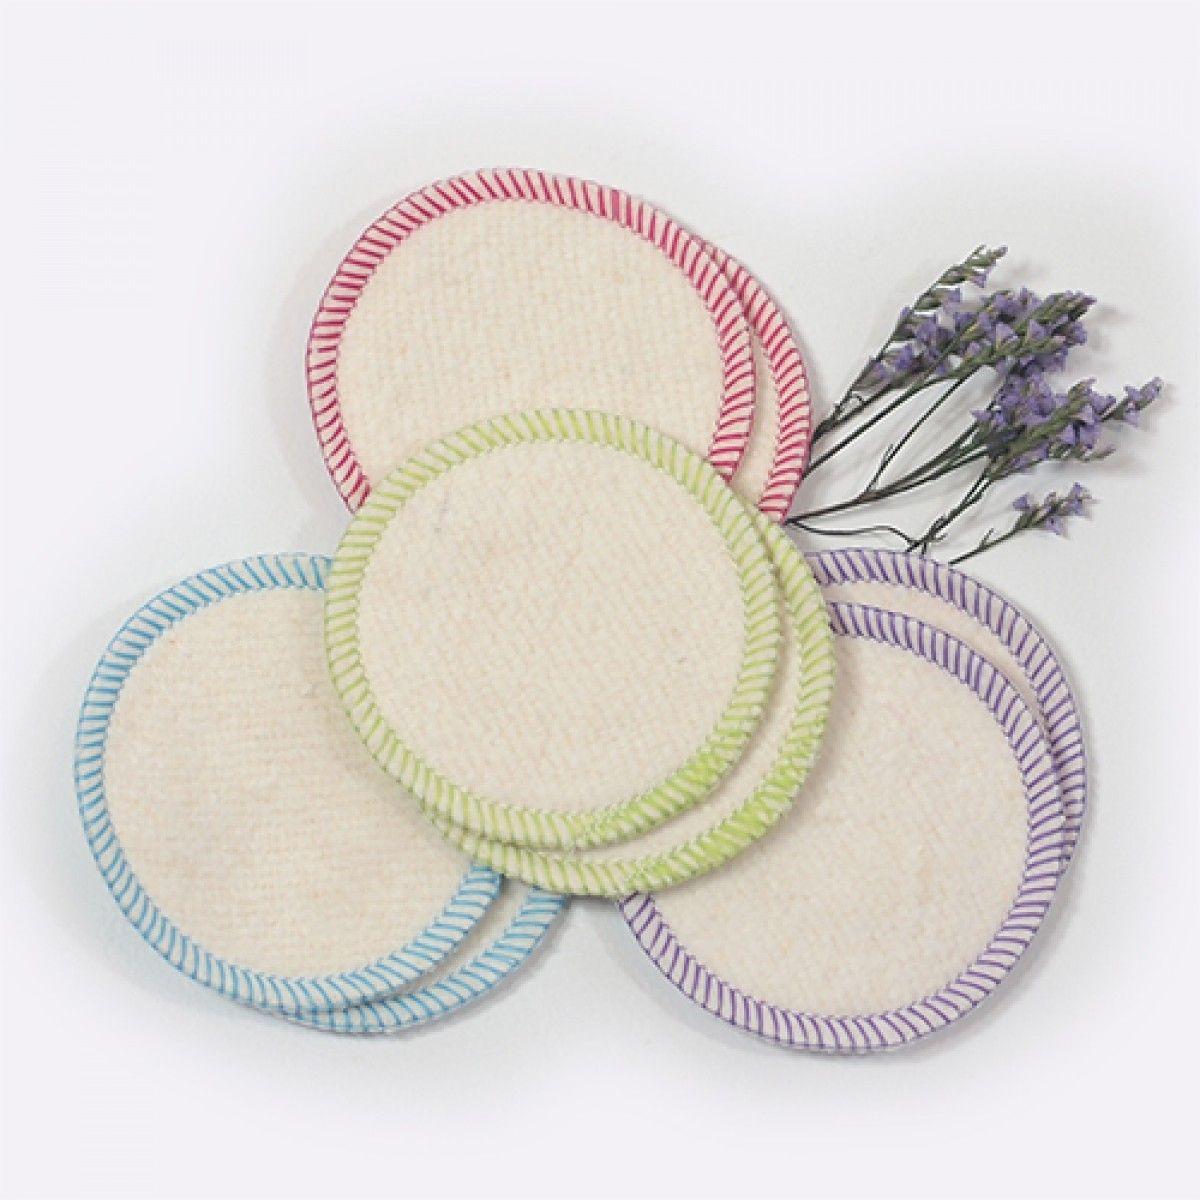 Makeup Removal Pads Hemp & Organic Cotton Makeup